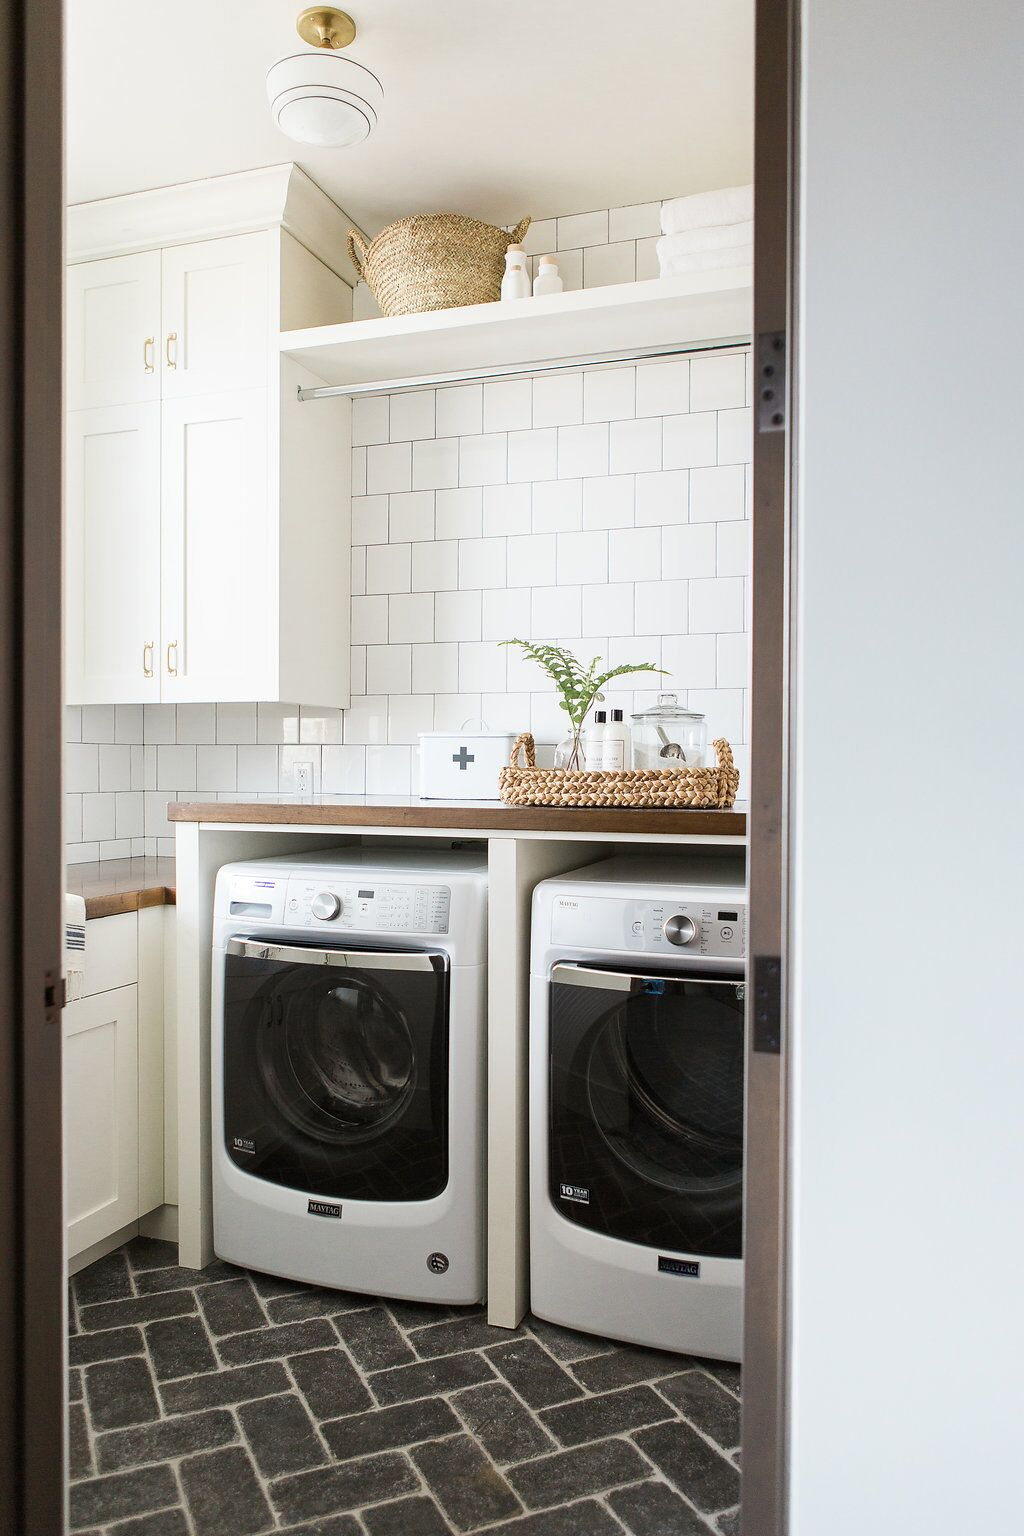 Washing room with grey tiled floor